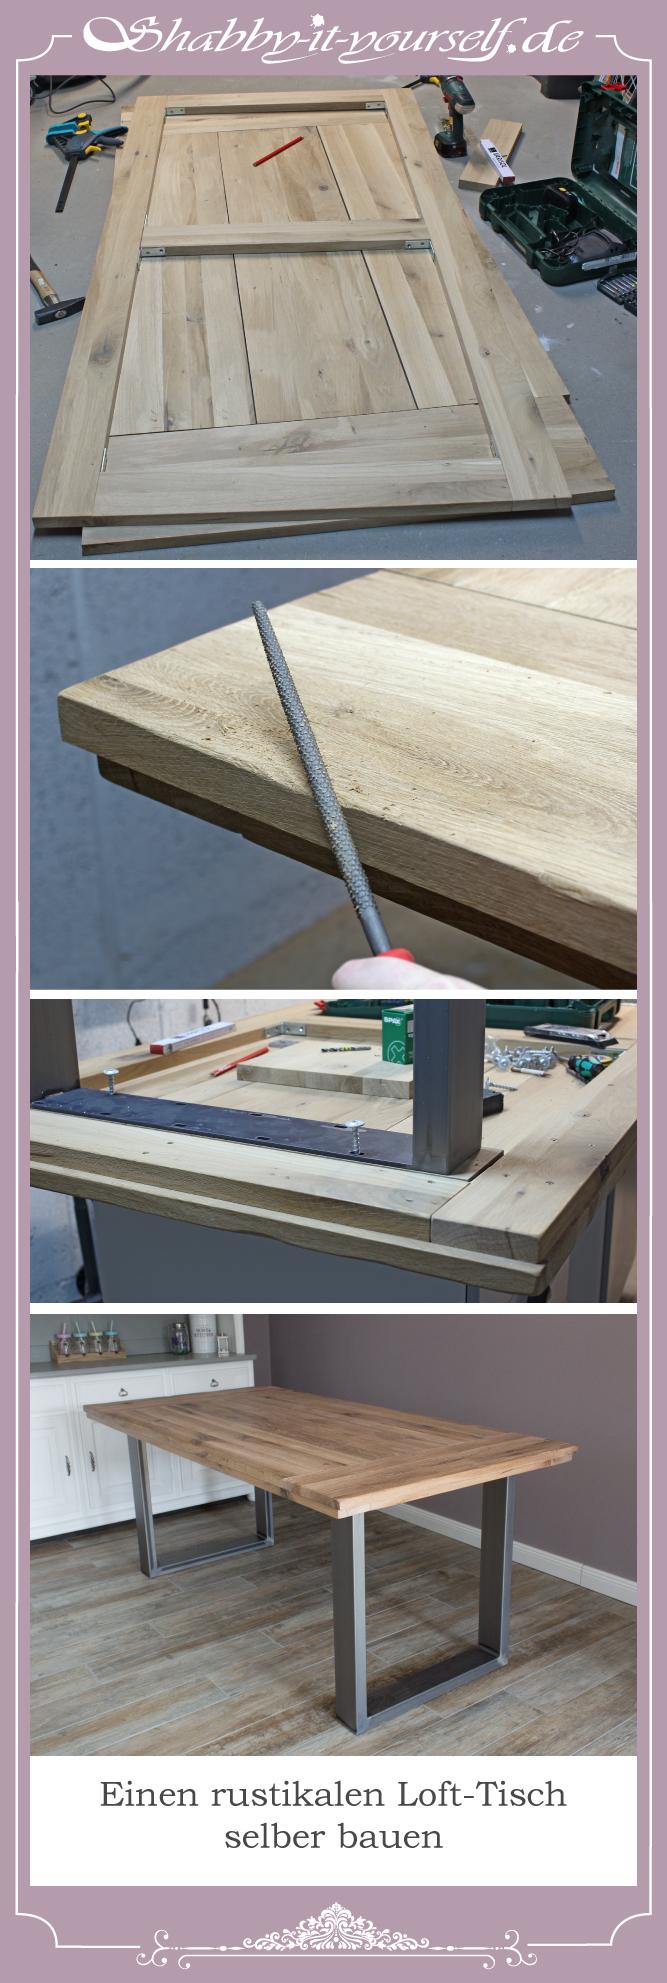 Aus Einer Eichenholz Arbeitsplatte Einen Rustikalen Loft Tisch Selbst Bauen Das Holz Habe Ich D Tisch Selber Bauen Rustikaler Dachboden Holztisch Selber Bauen